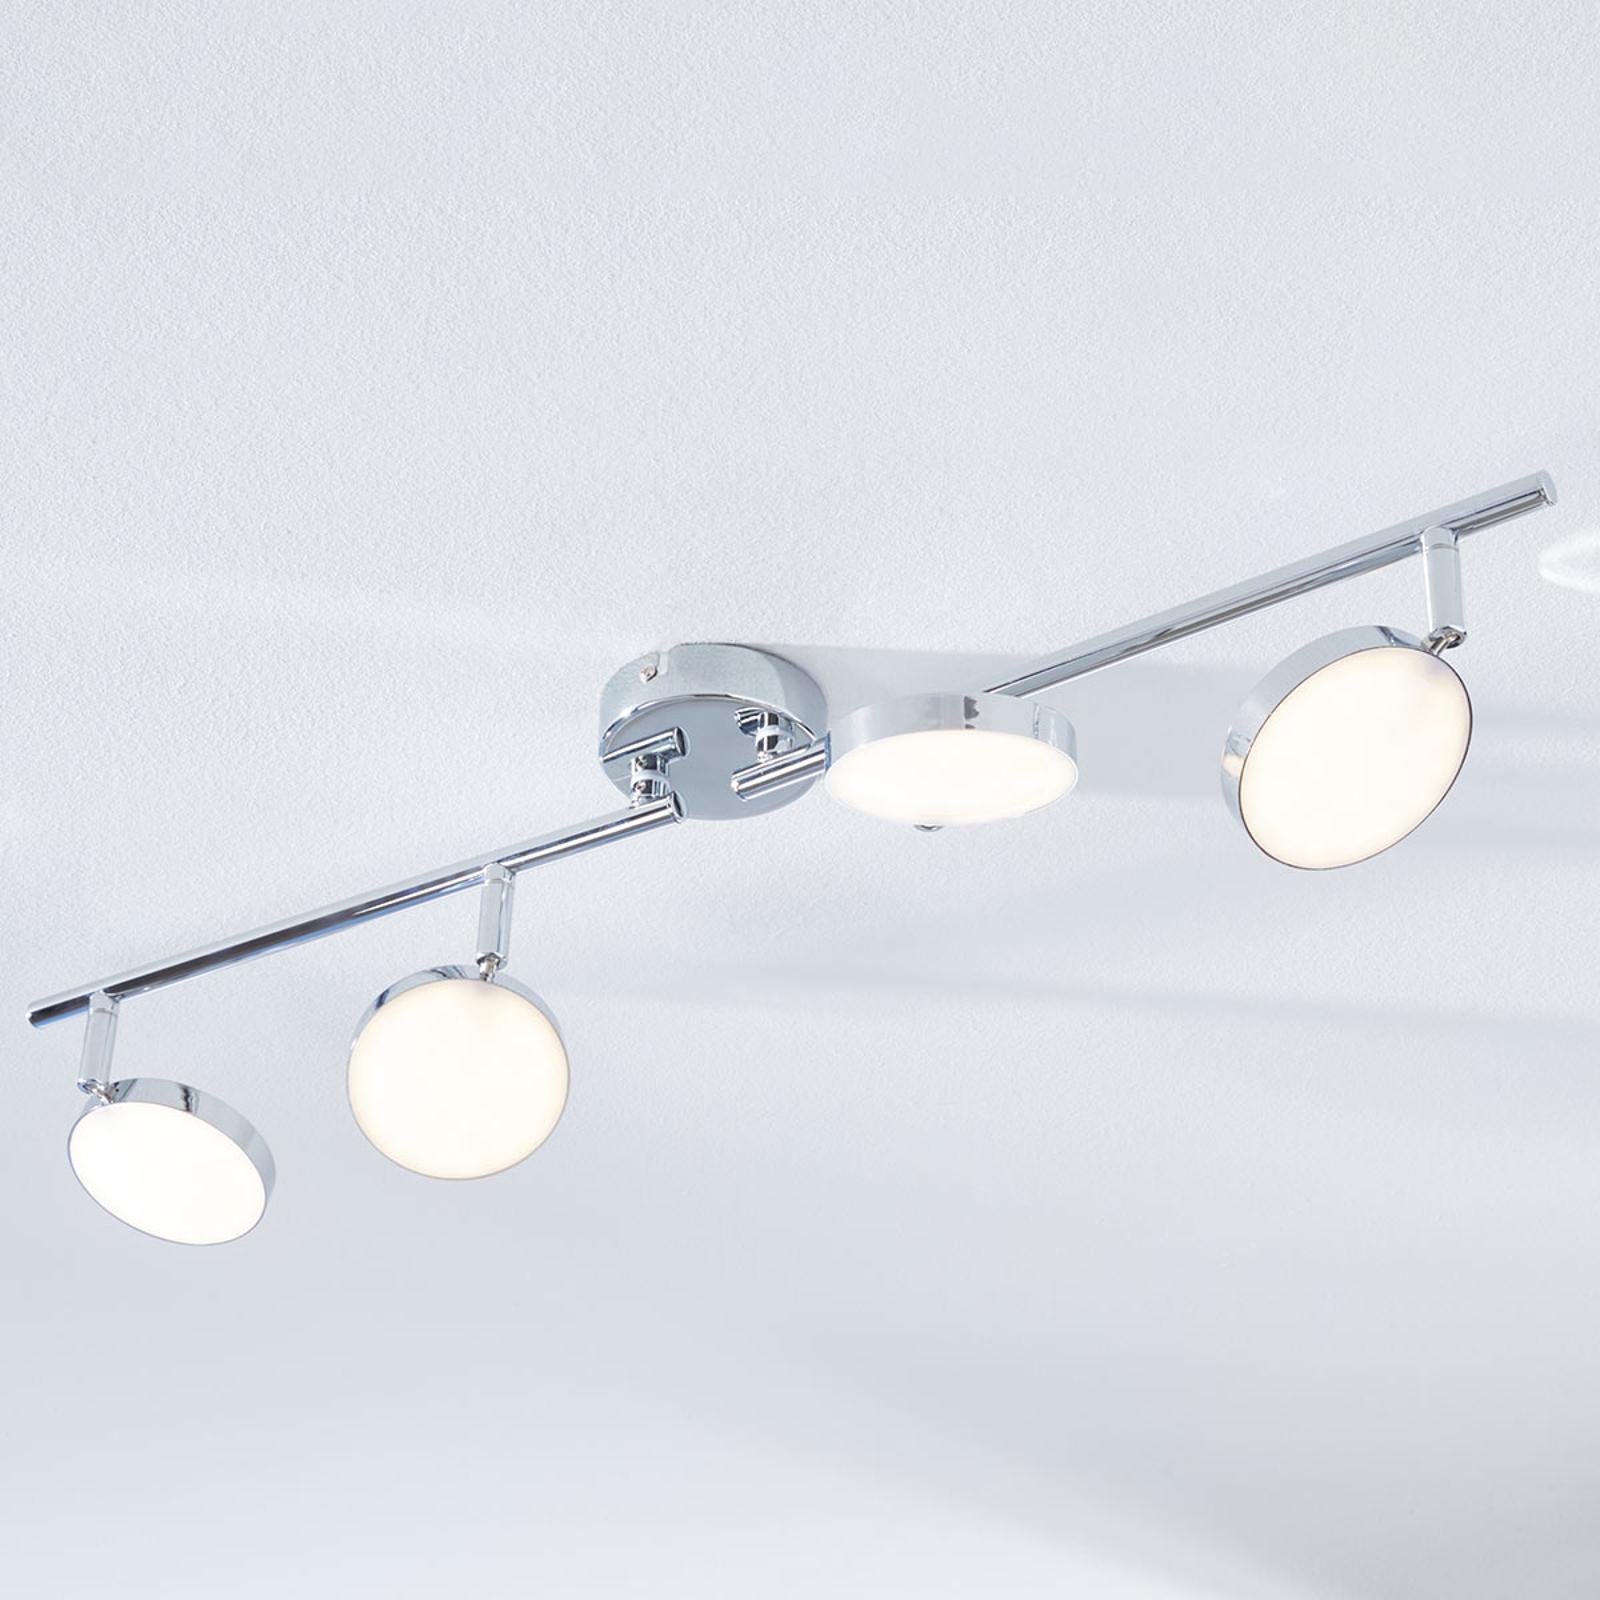 LED-kattokohdevalo Keylan, 4-lamppuinen